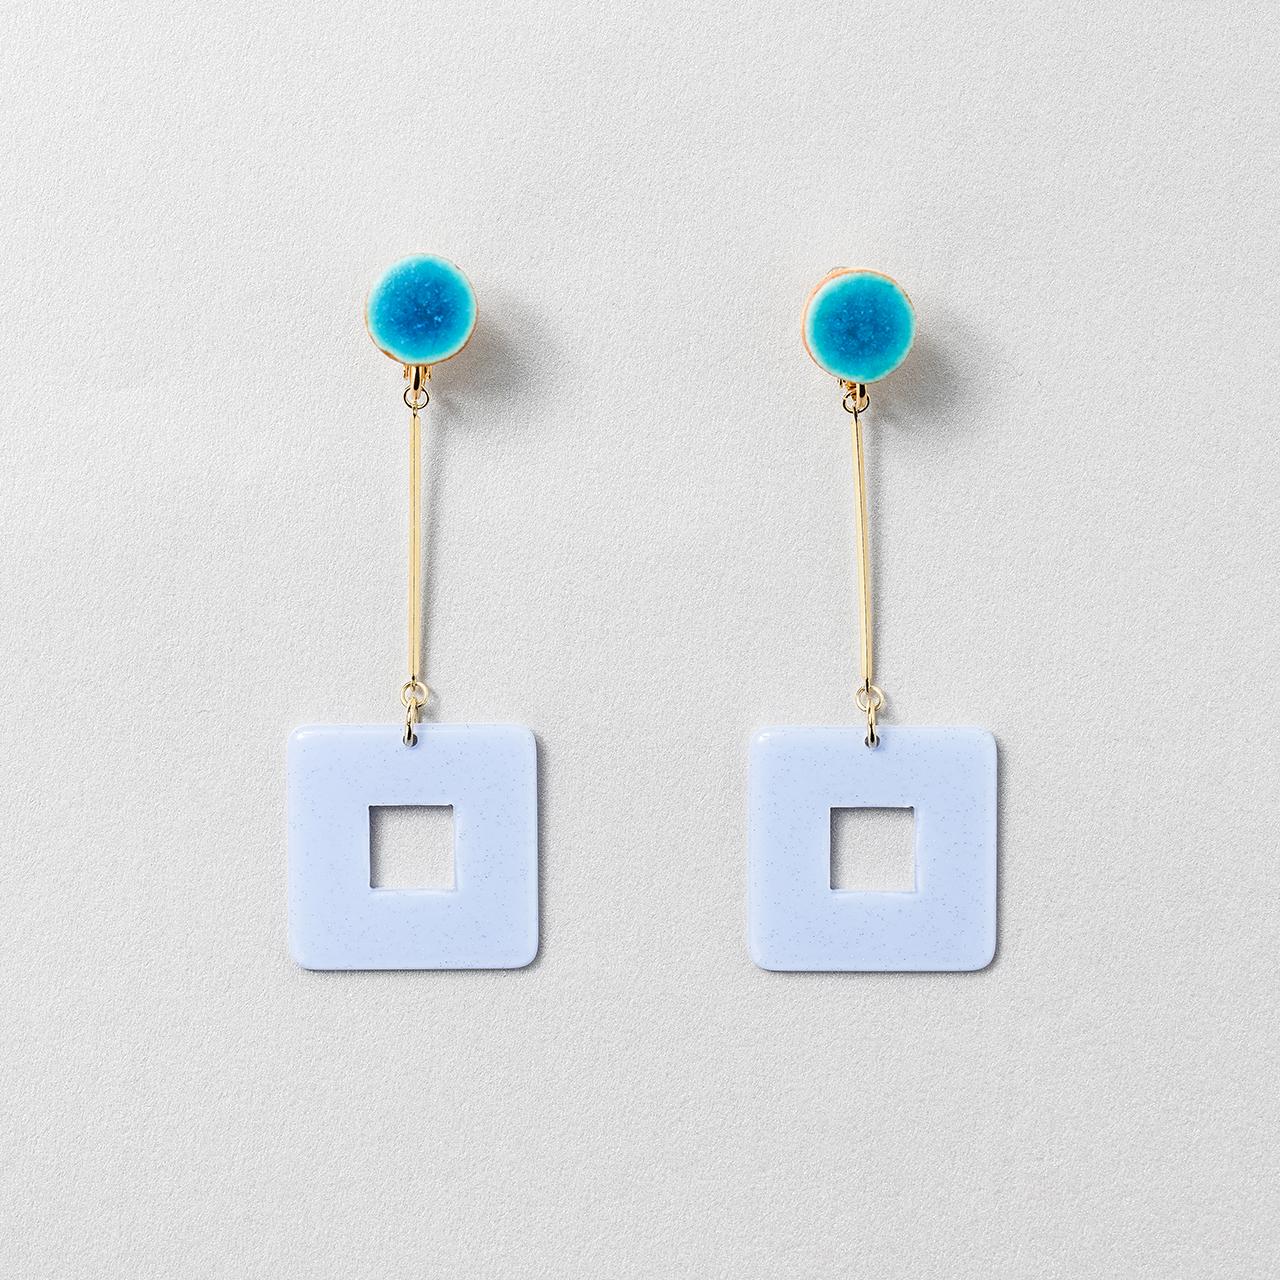 陶器 信楽 スクエア ピアス&イヤリング turquoise blue